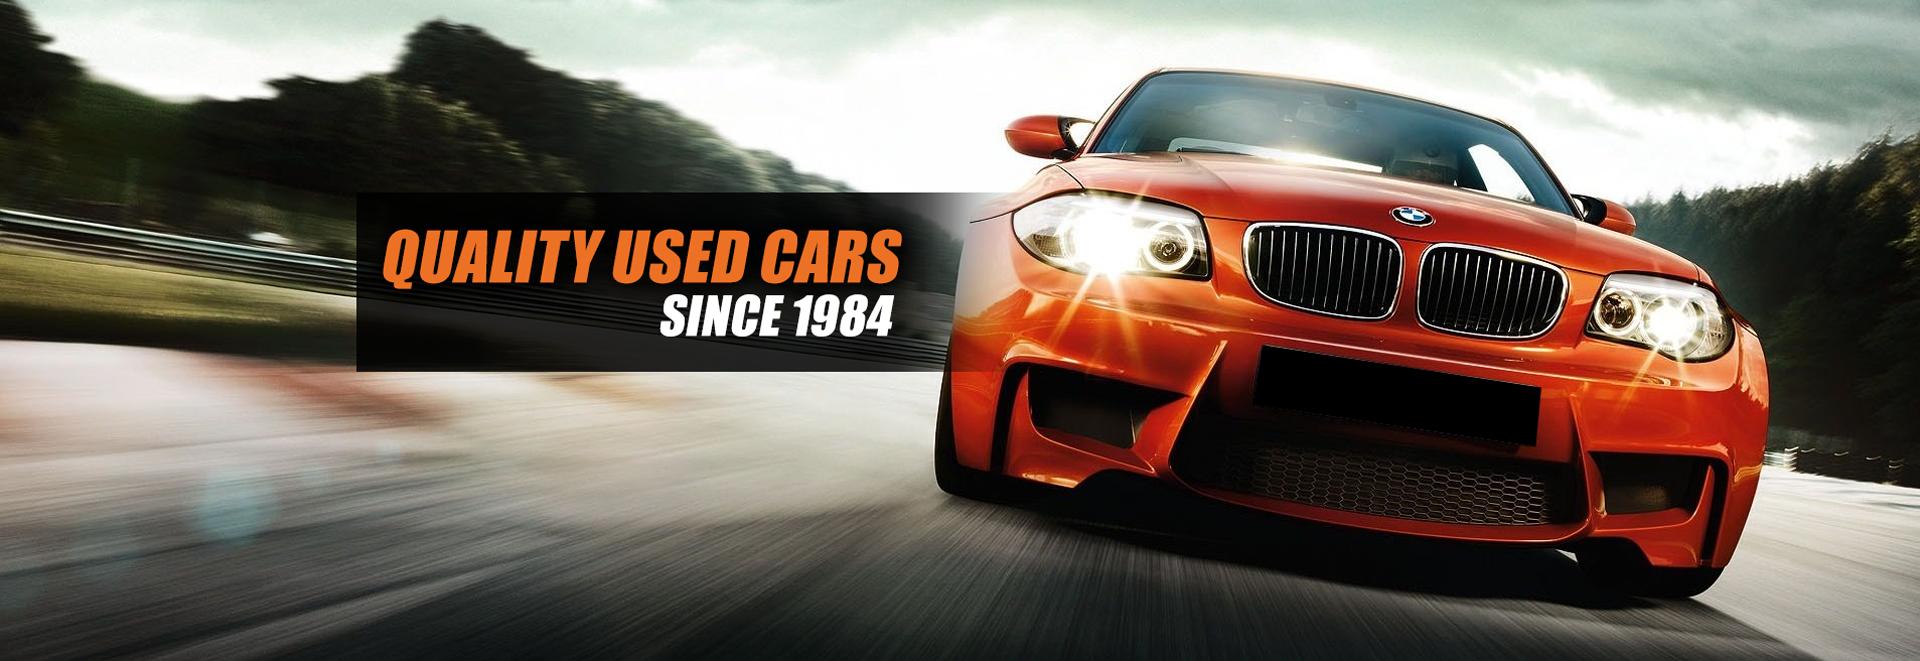 car fare gastonia  Car Fare Gastonia – Great Selection of Used Cars